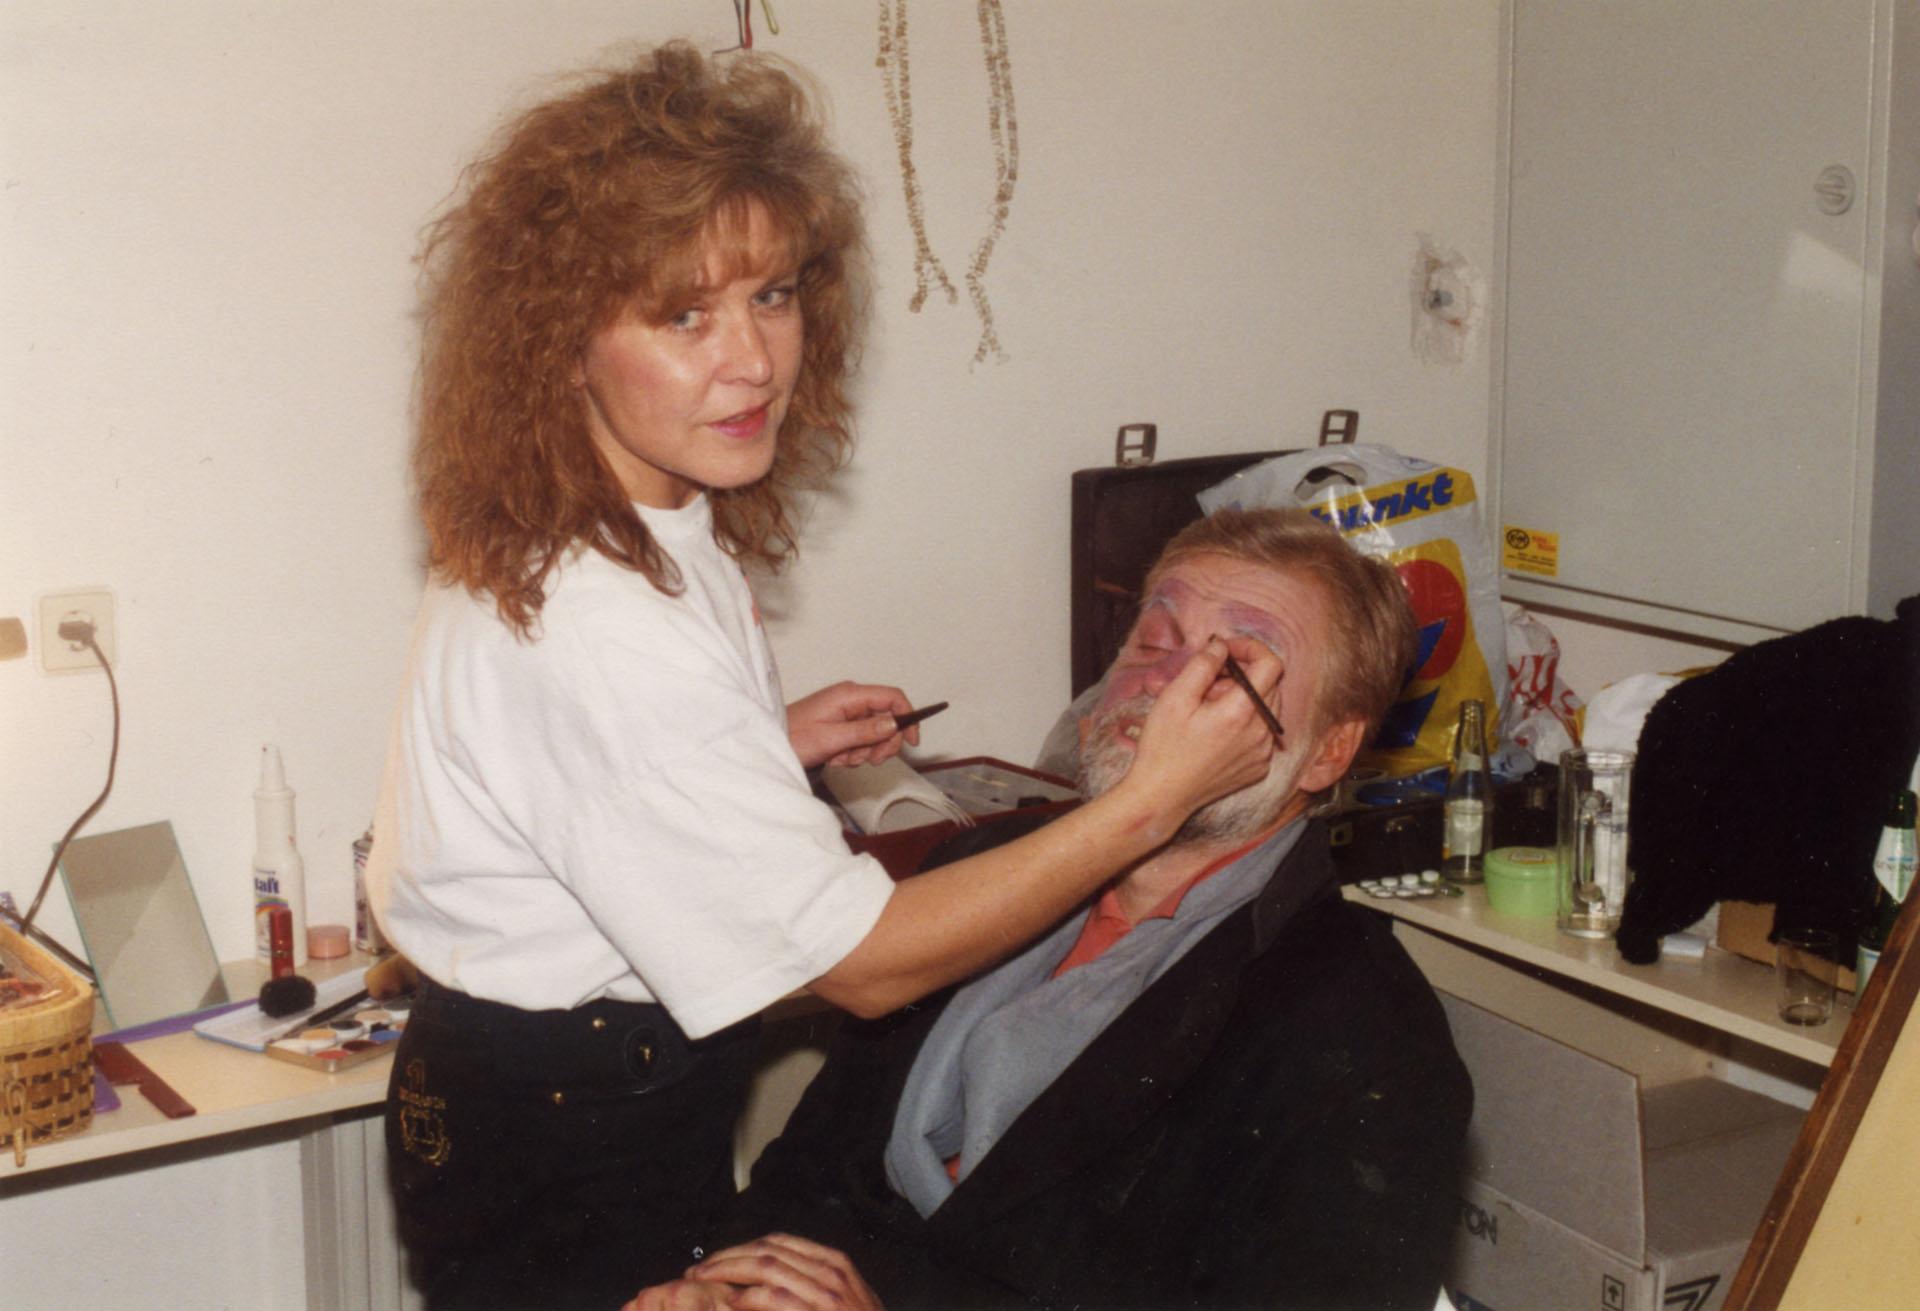 Maske: Jeanny Siegl, Franz Müller bei DIE GEPUTZTEN SCHUHE 1995